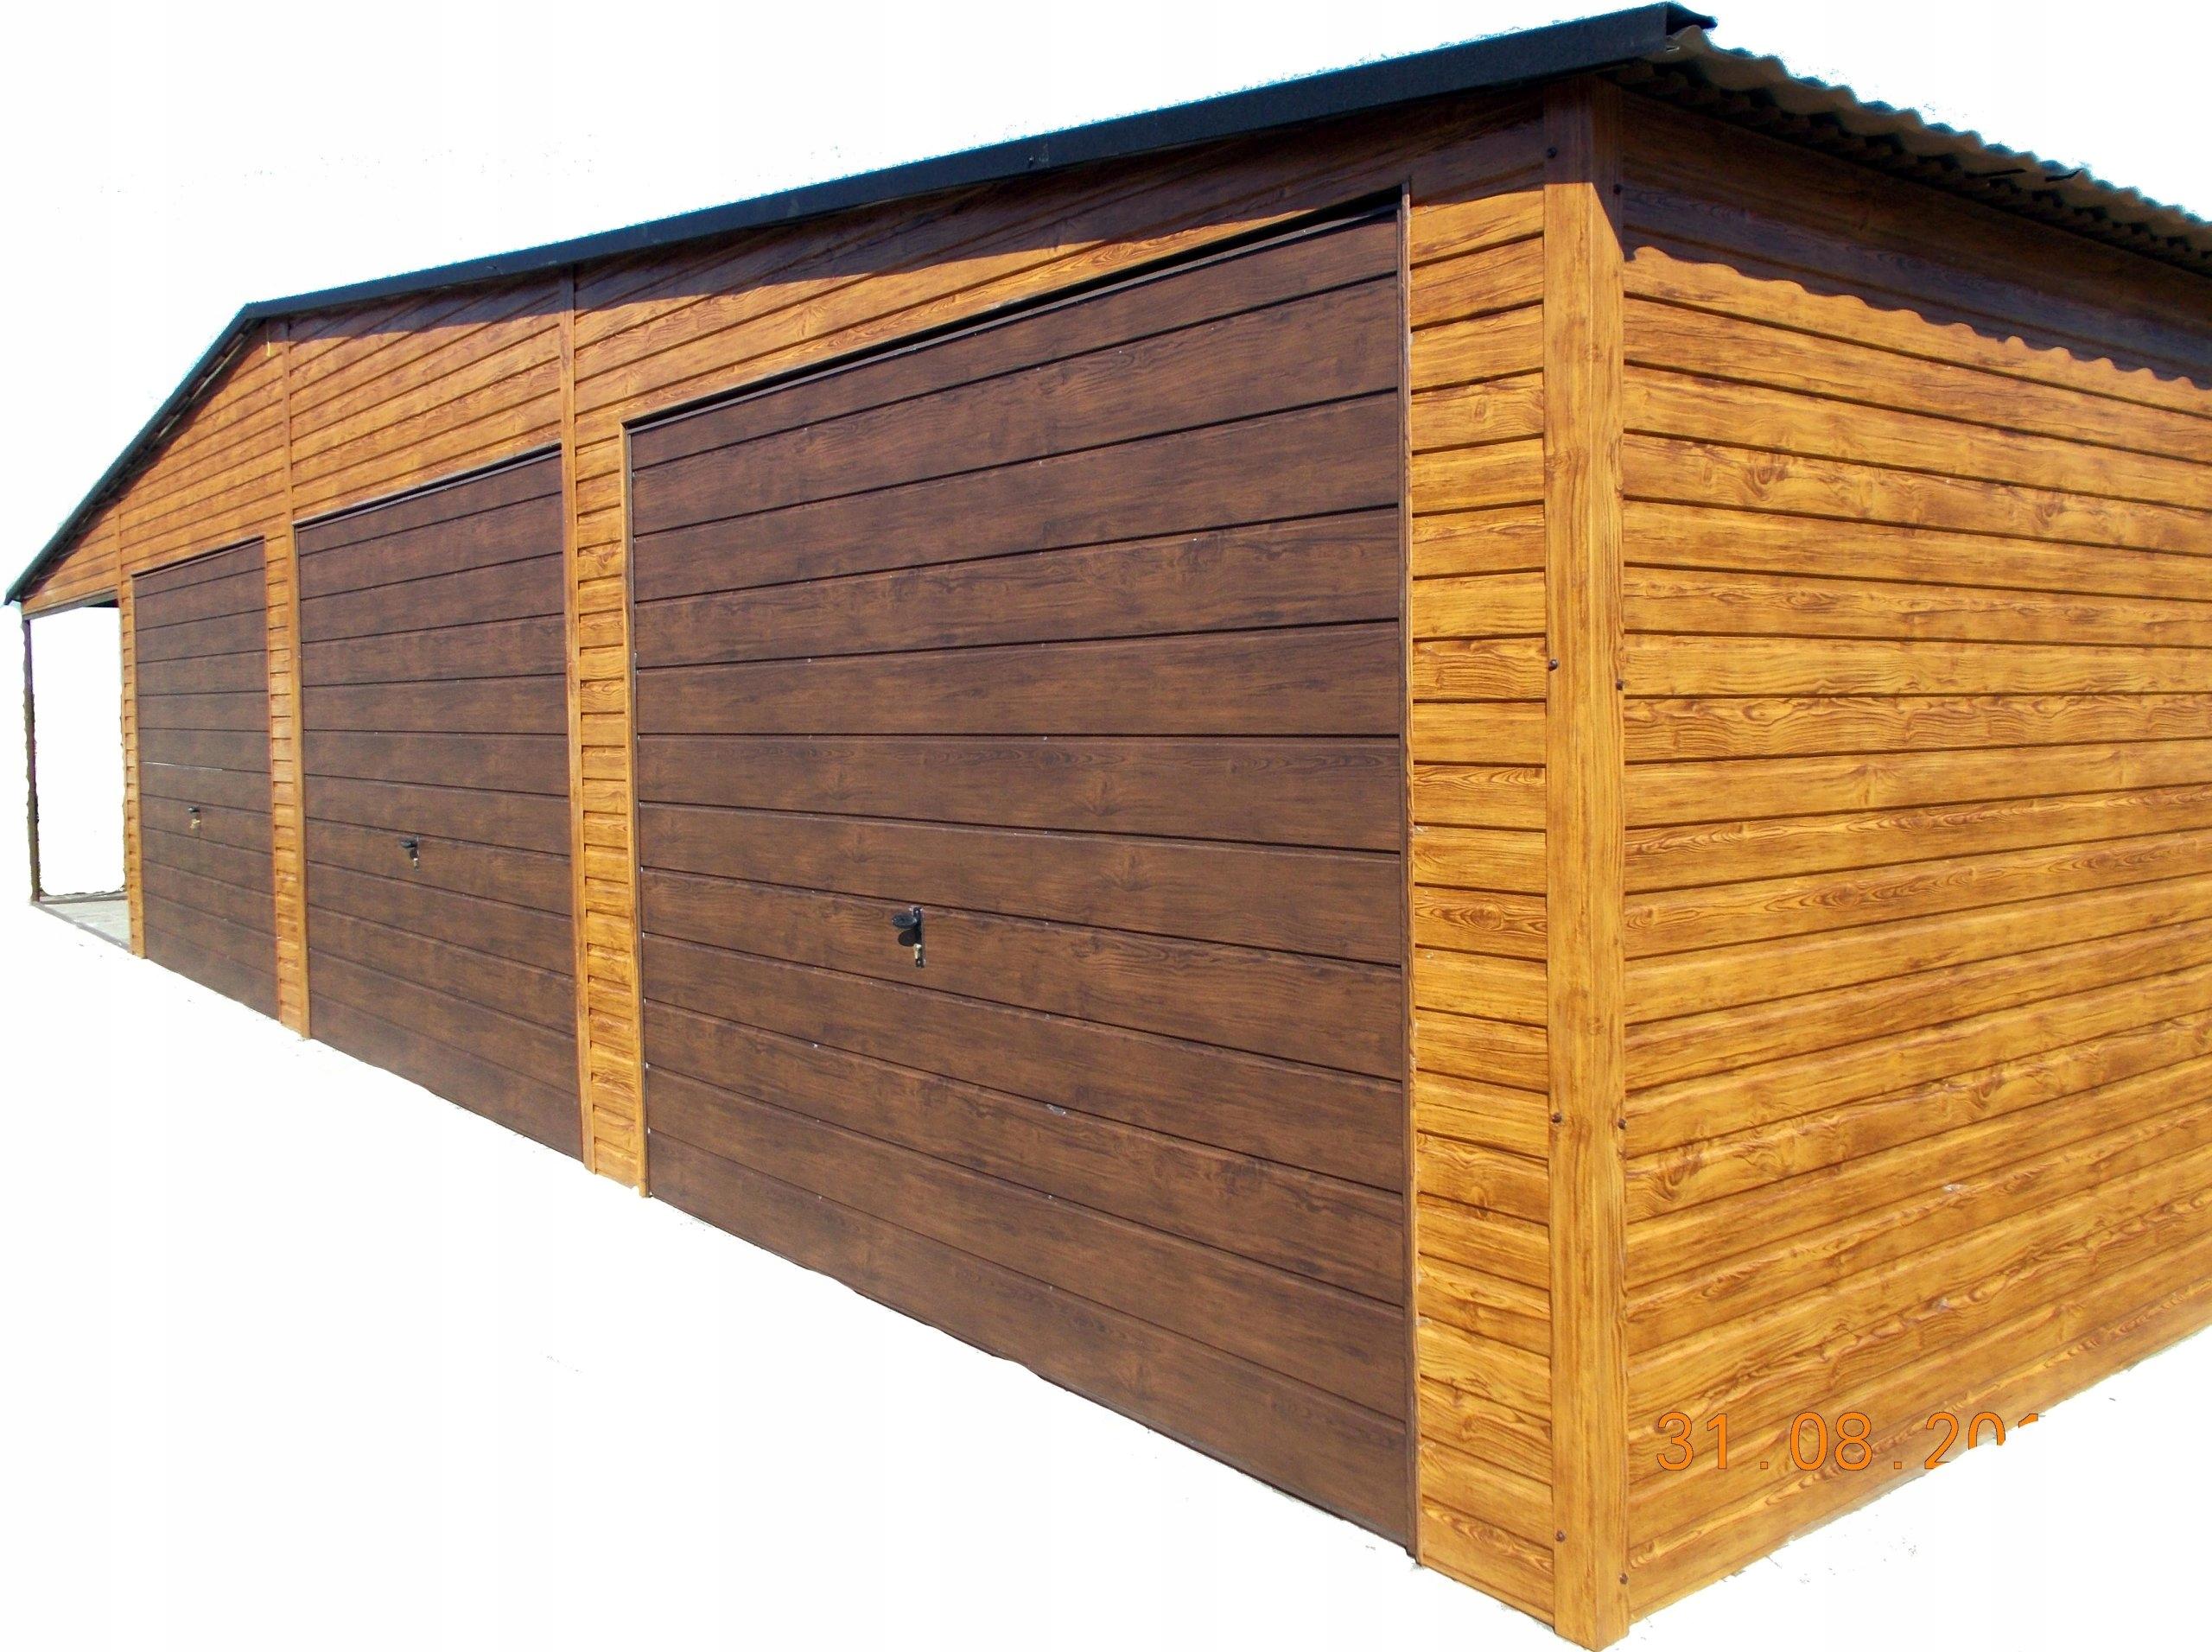 Garaż Blaszany Garaże Blaszane Drewnopodobne 9x6 7486064420